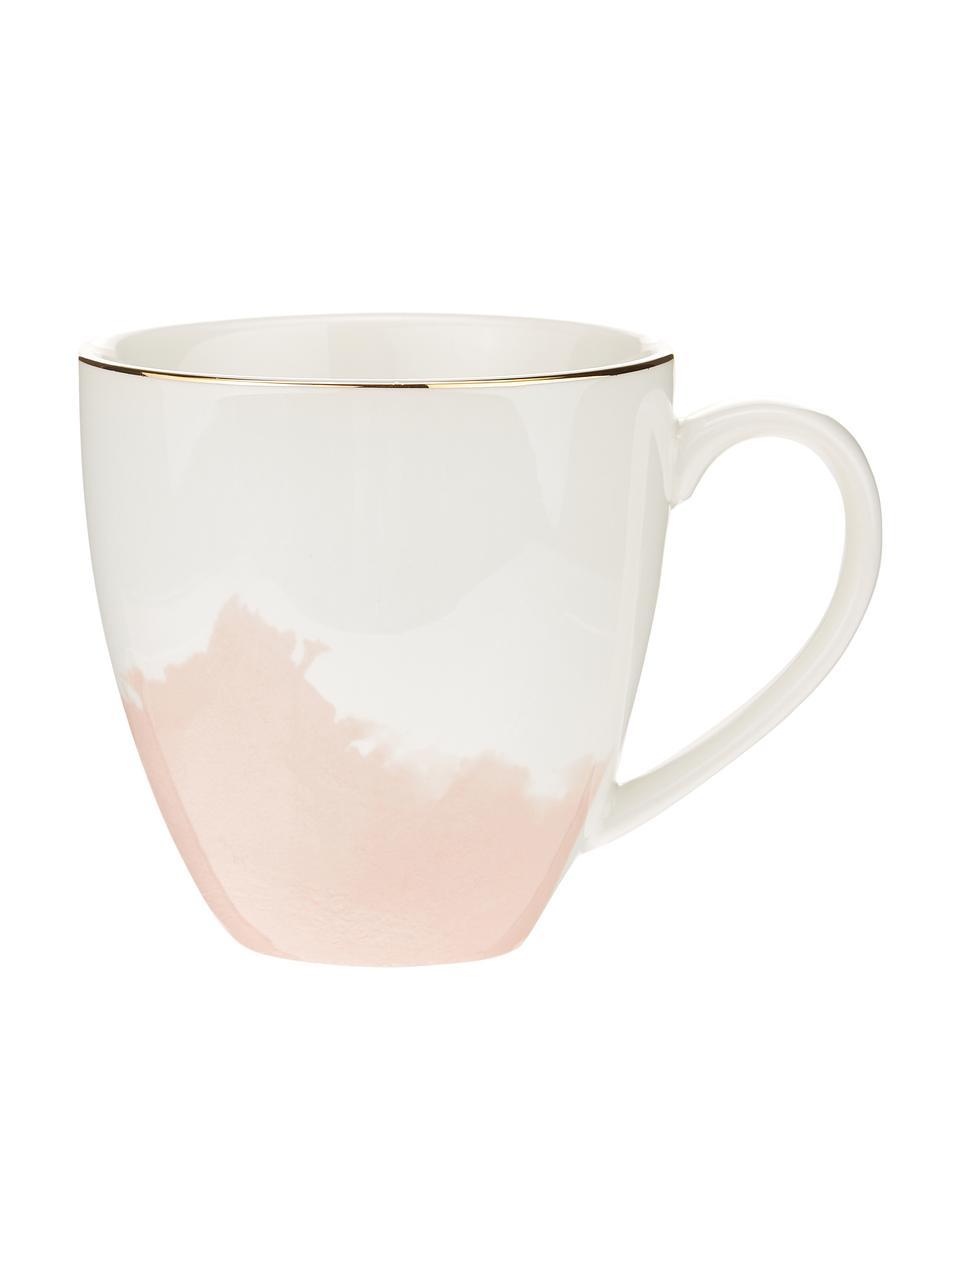 Tasse à café porcelaine à rebord doré Rosie, 2pièces, Blanc, rose